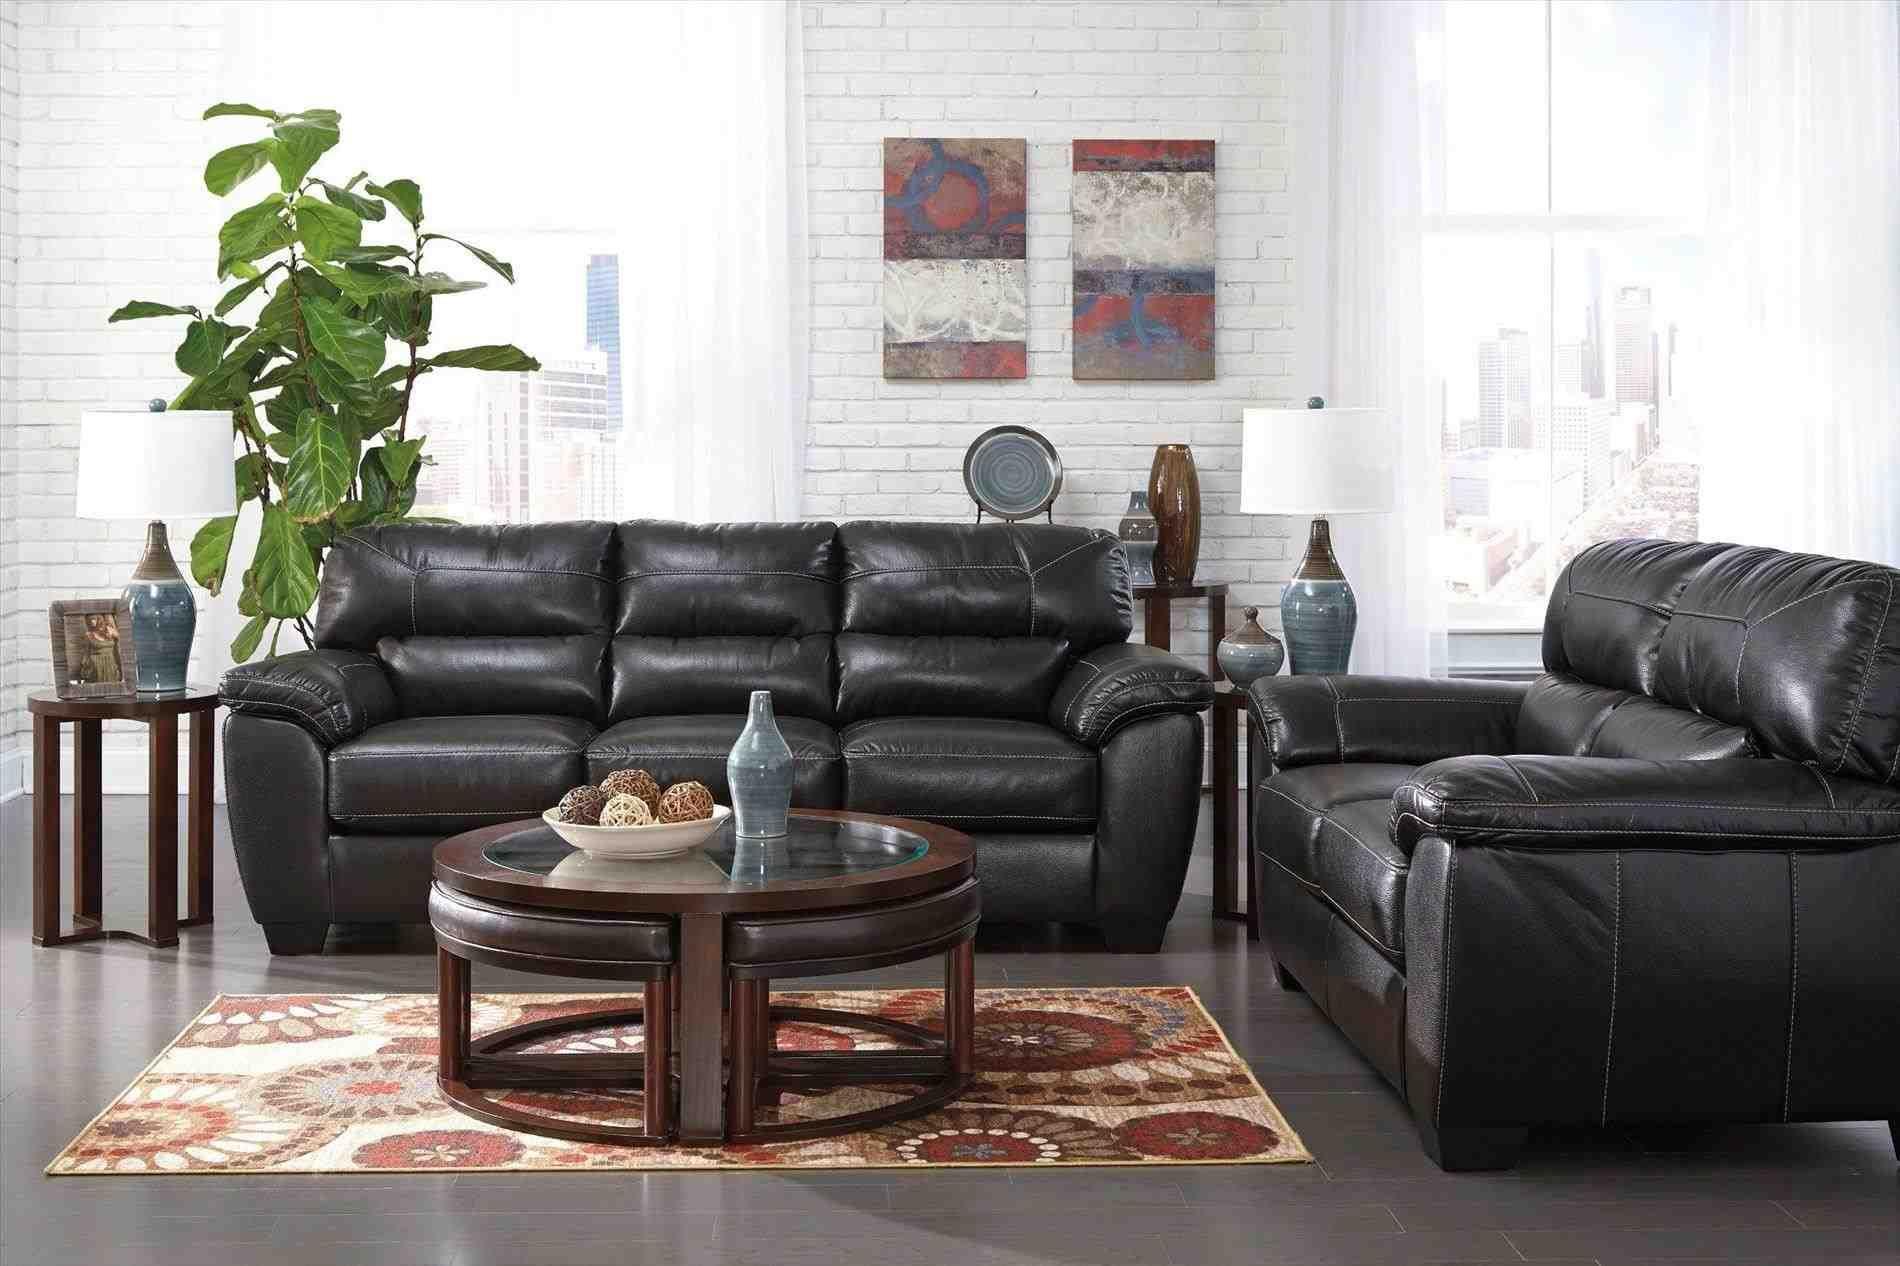 Black Living Room Furniture Sets Black Furniture Living Room Black Living Room Elegant Living Room Decor